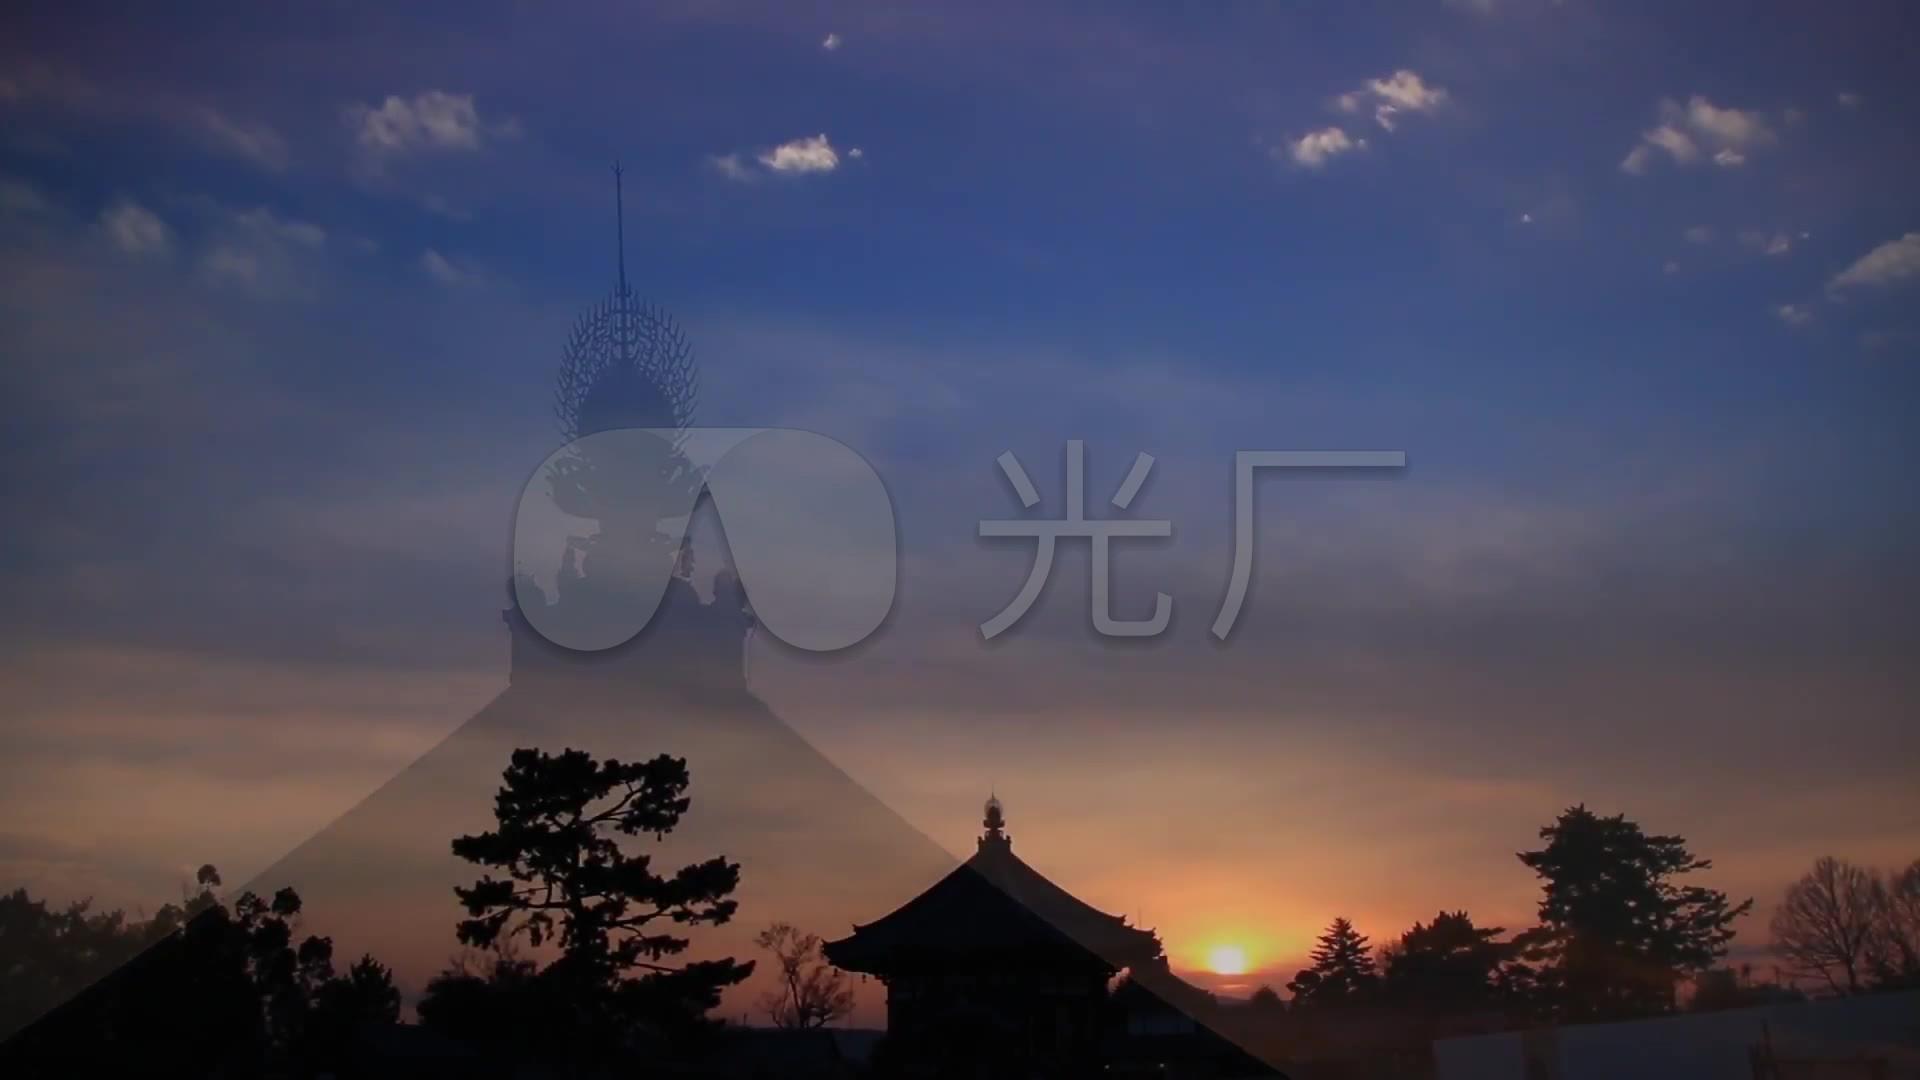 唯美寺庙佛教禅禅意古刹古建筑黄昏意境图片